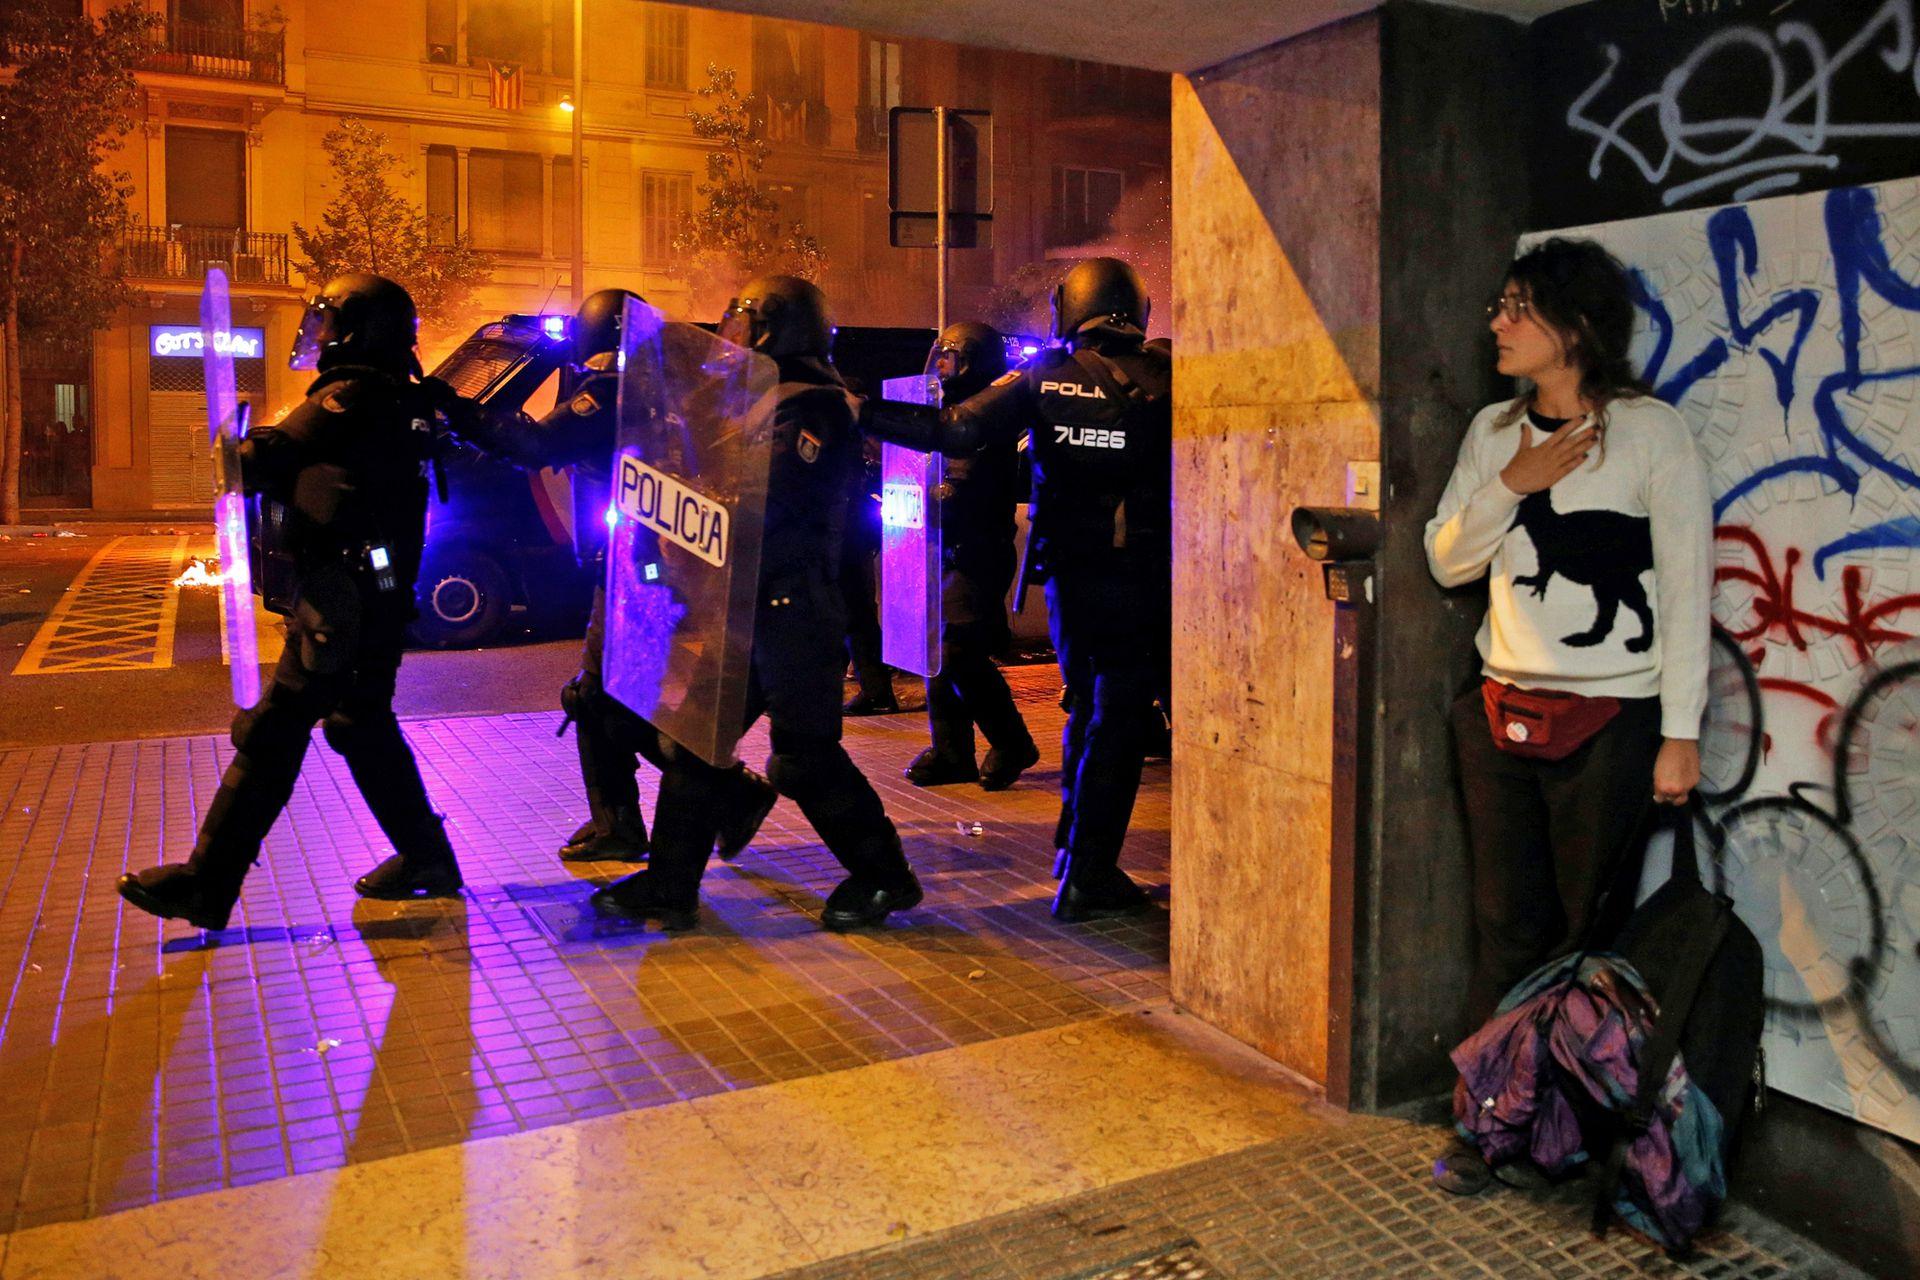 """Hubo """"al menos una veintena de personas detenidas"""" en toda Cataluña, tras los 51 de la víspera, indicaron los Mossos. Cuatro ingresaron en prisión sin fianza por atentado a la autoridad y desórdenes."""